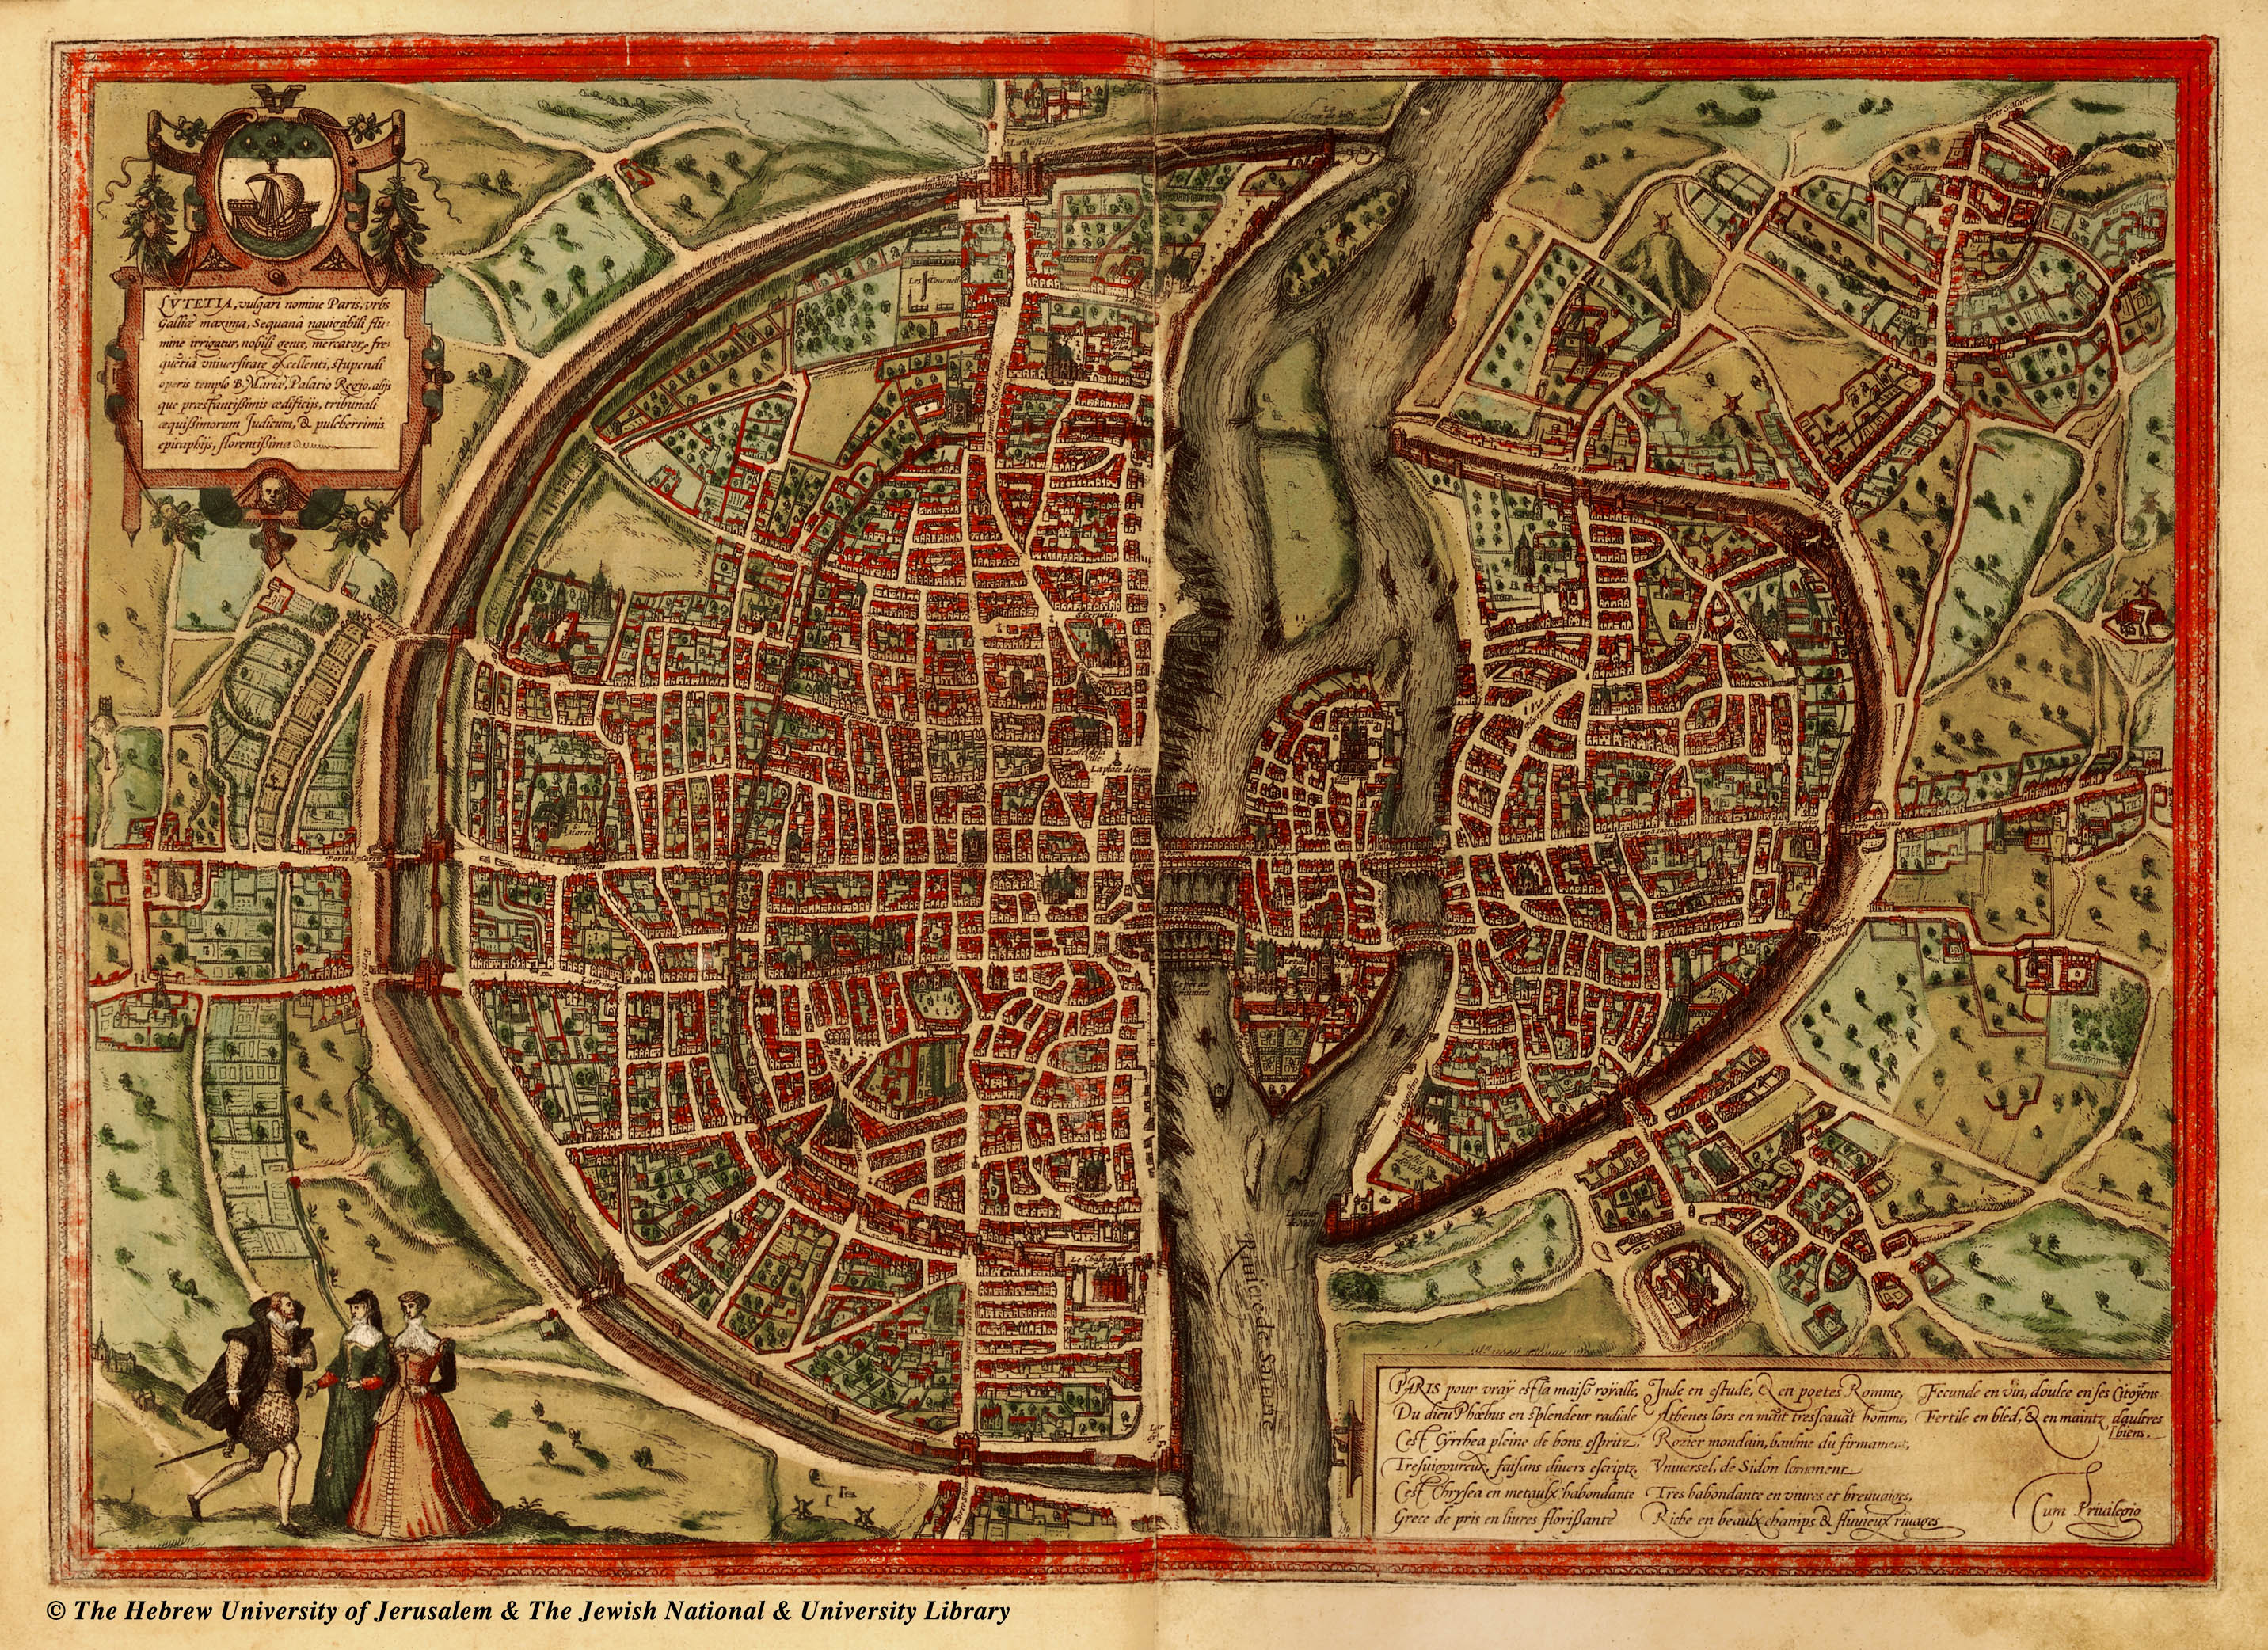 1569-Paris-Map Old Map Of Paris To New on sites of paris, google maps of paris, old buildings in paris, diaries of paris, the streets of paris, scrapbook paper of paris, beautiful streets of paris, cute drawings of paris, old moulin rouge paris, mines of paris, a map of paris, books of paris, beauty of paris, fine art of paris, a woman of paris, black and white map of paris, liberation of paris, view of paris, large map of paris,